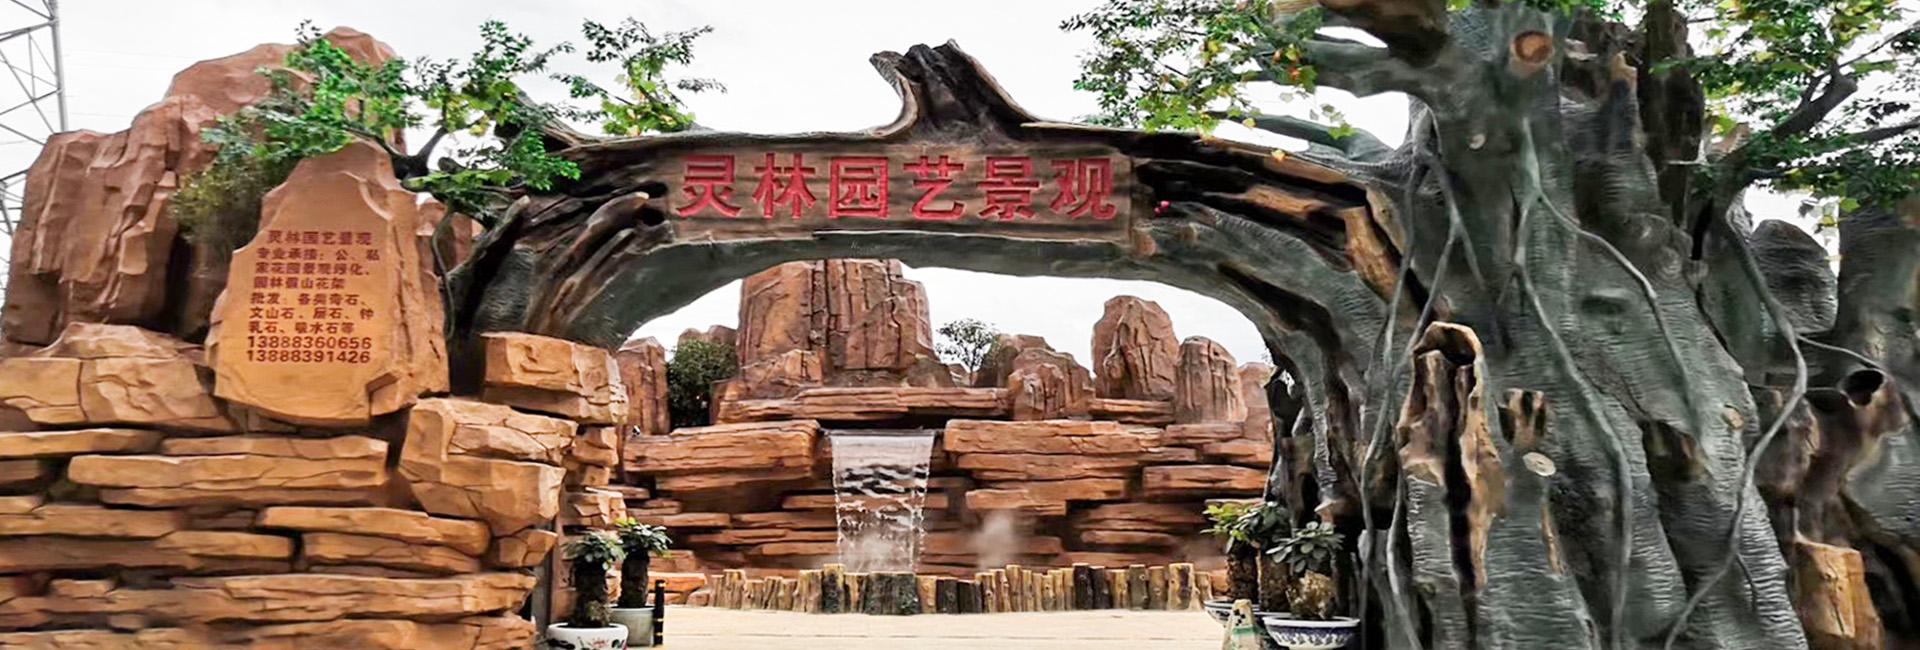 云南园林景观工程公司